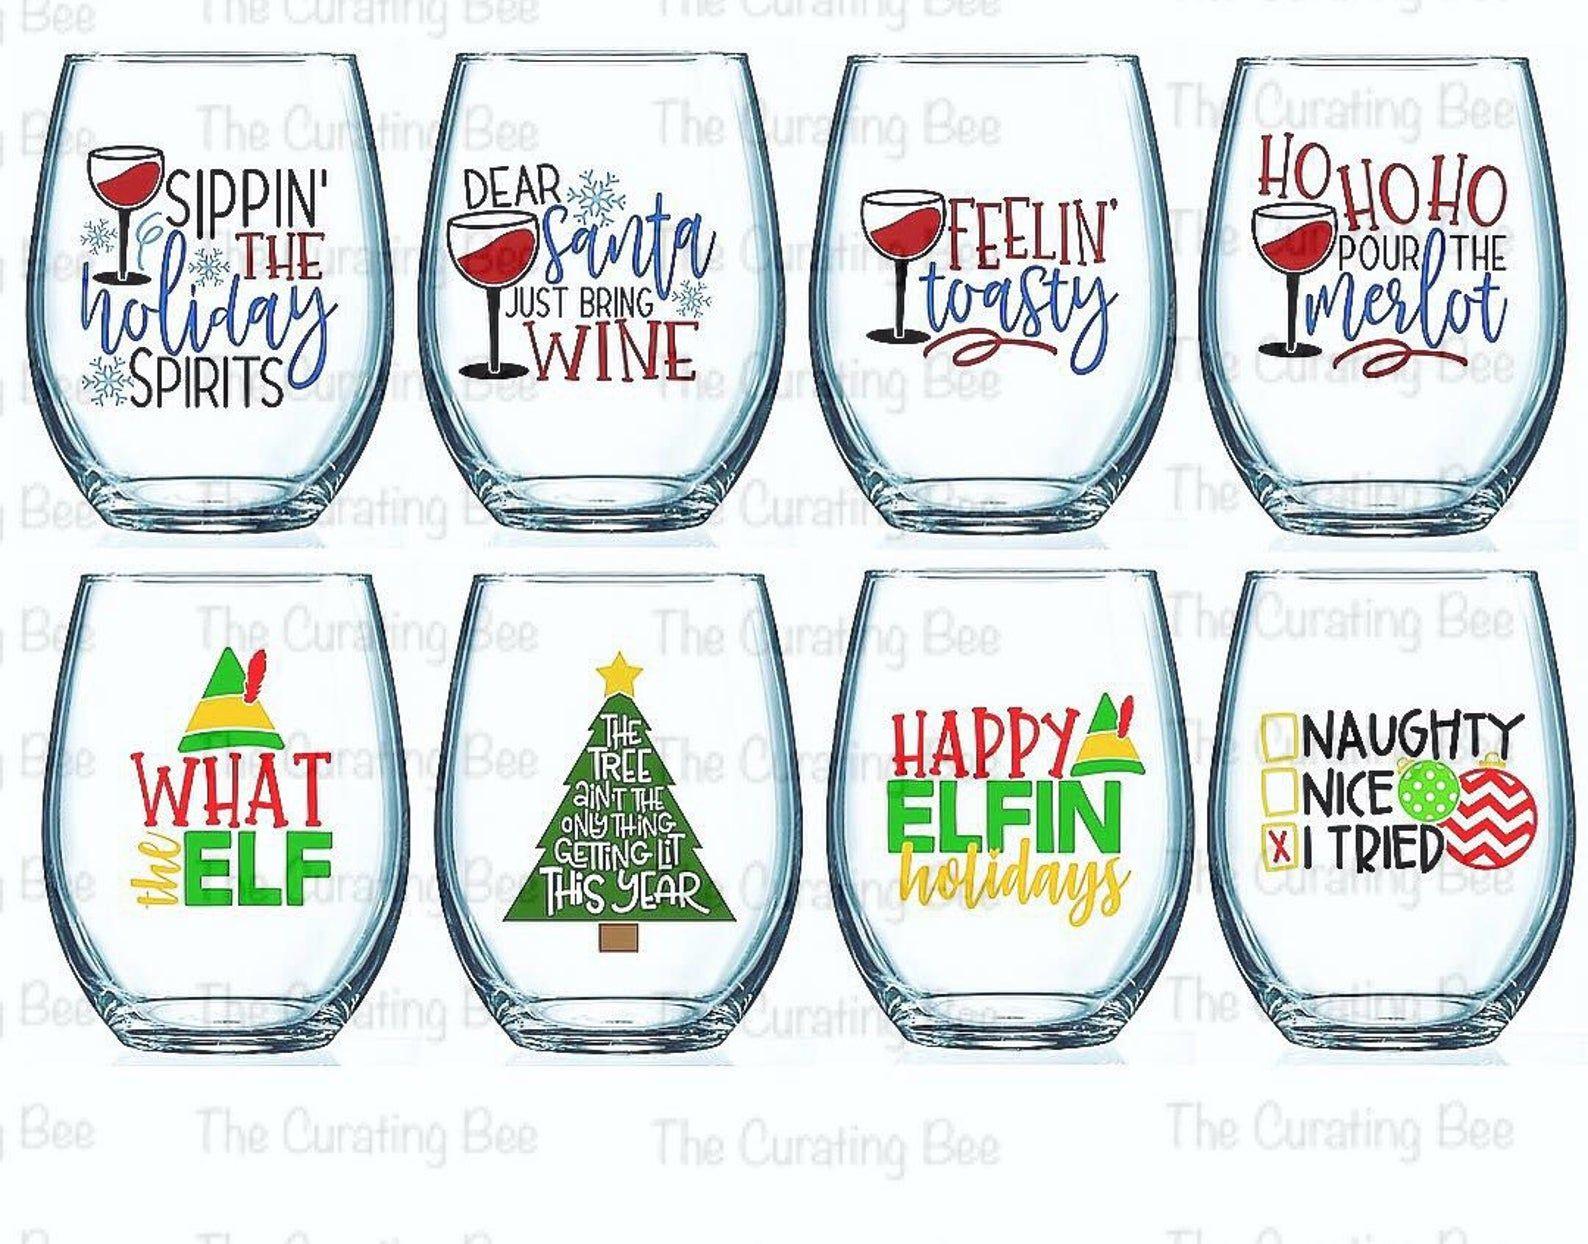 Set Of 4 Christmas Wine Glasses Christmas Wine Glasses Christmas Drinkware Christmas Barware Funny Christmas Wine Glasses Christmas Wine Glasses Christmas Wine Wine Glass Sayings